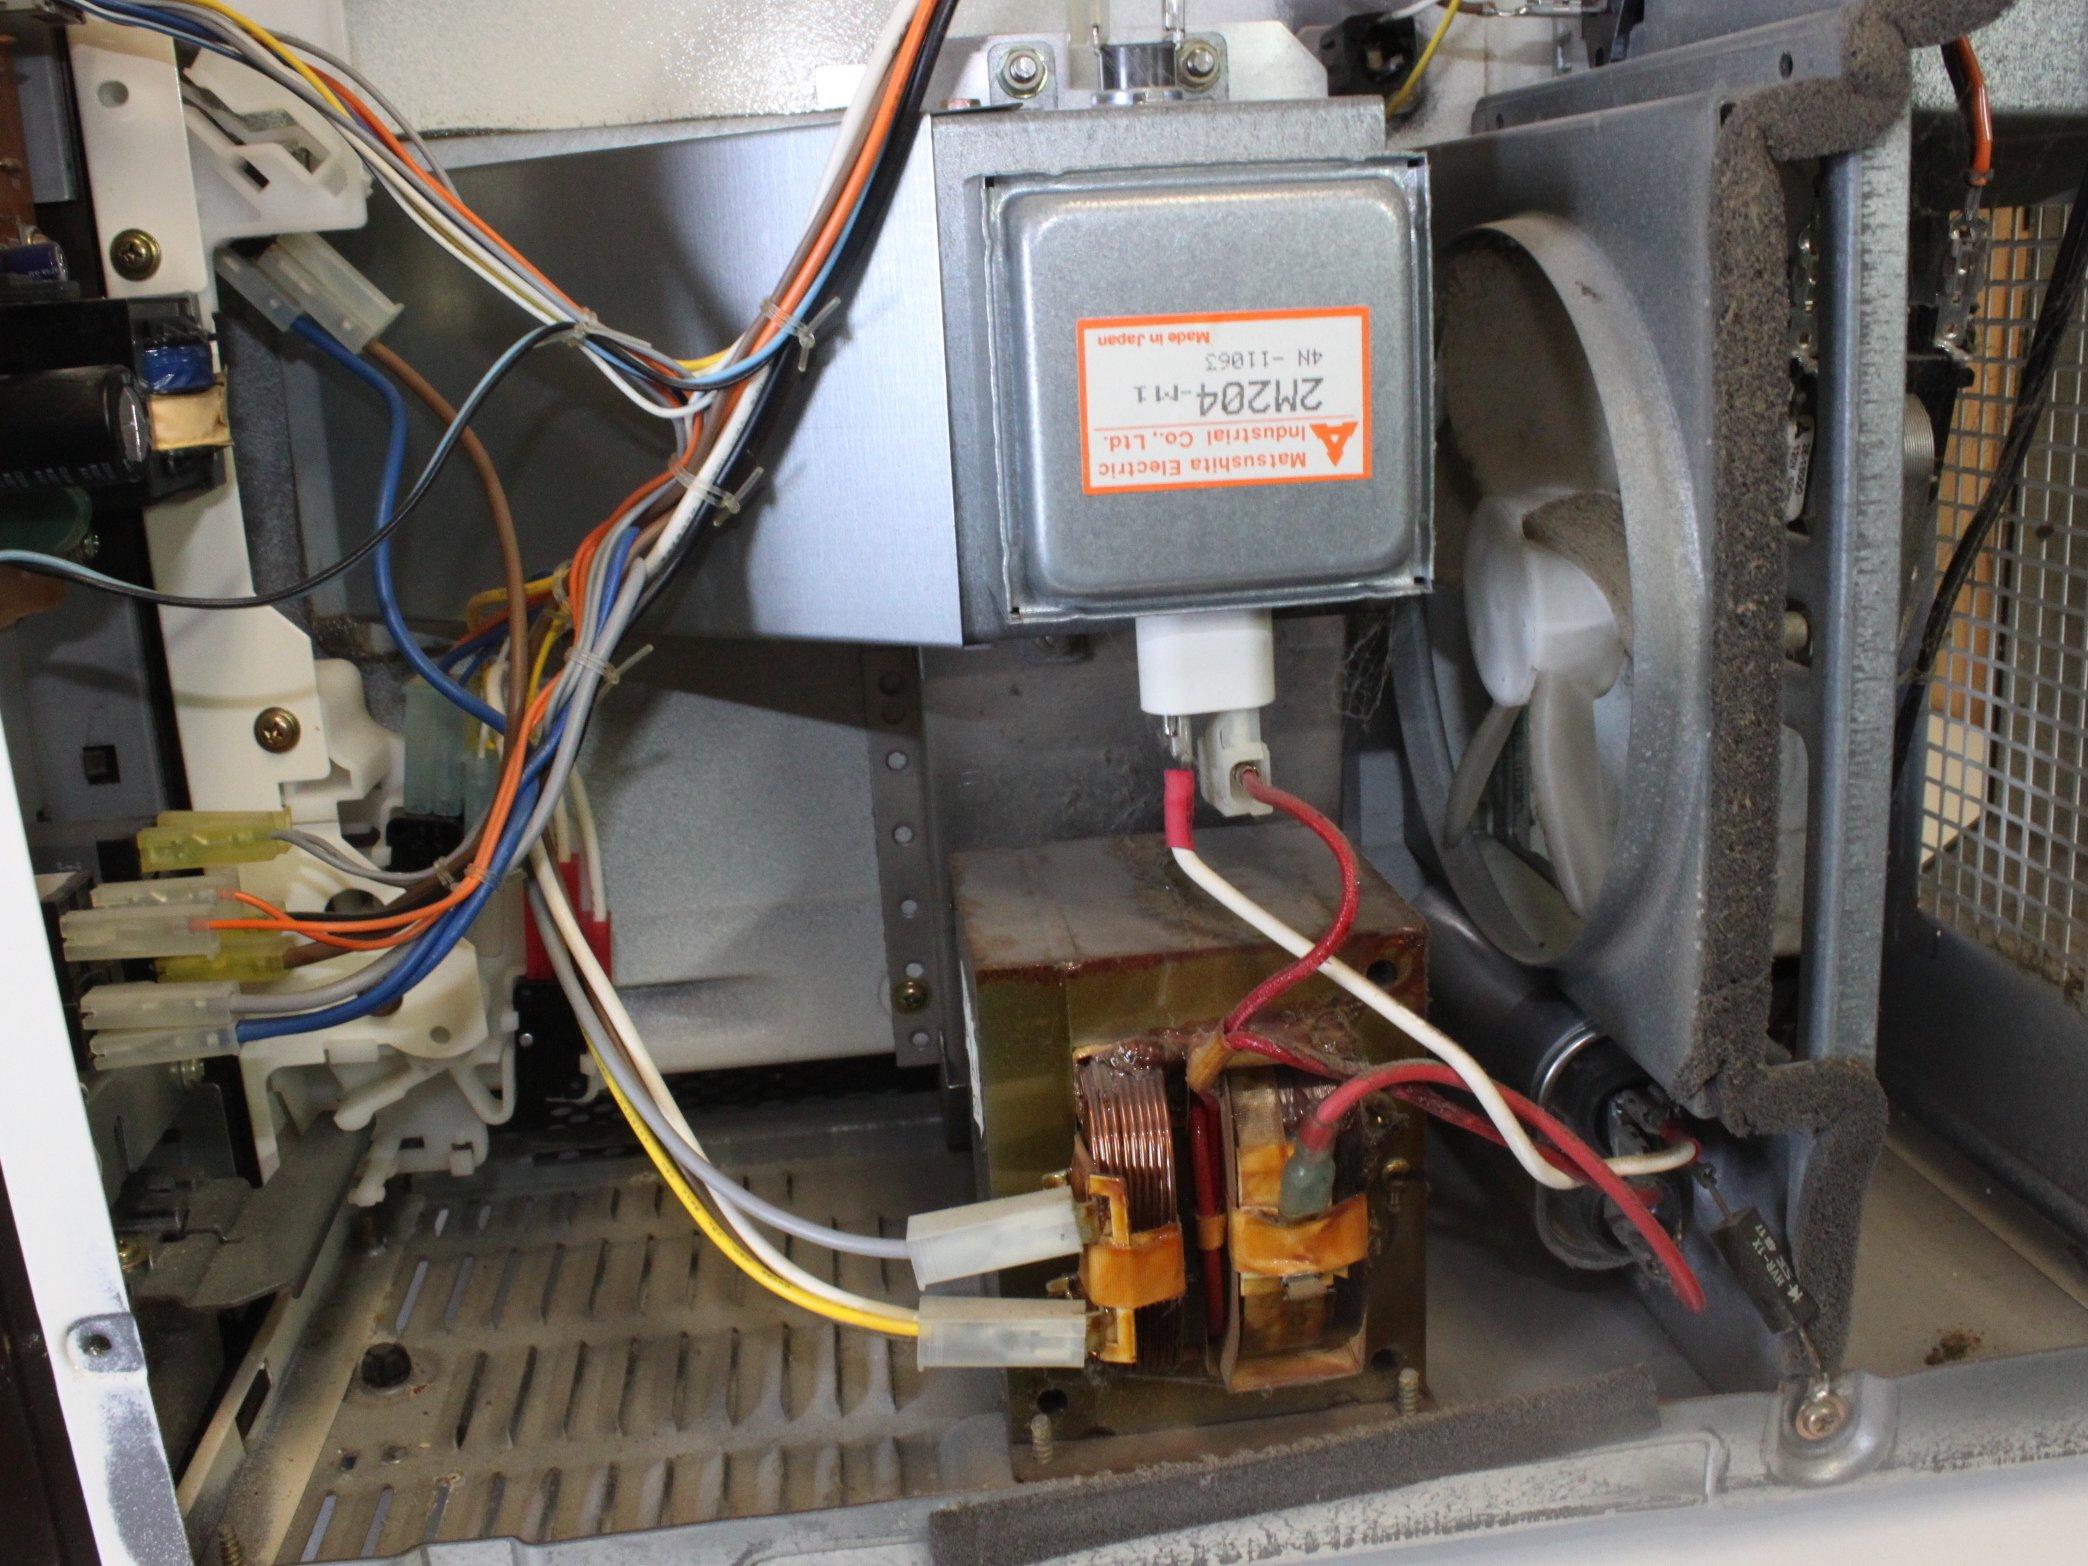 Repairing Quasar Microwave Sparking Inside Ifixit Repair